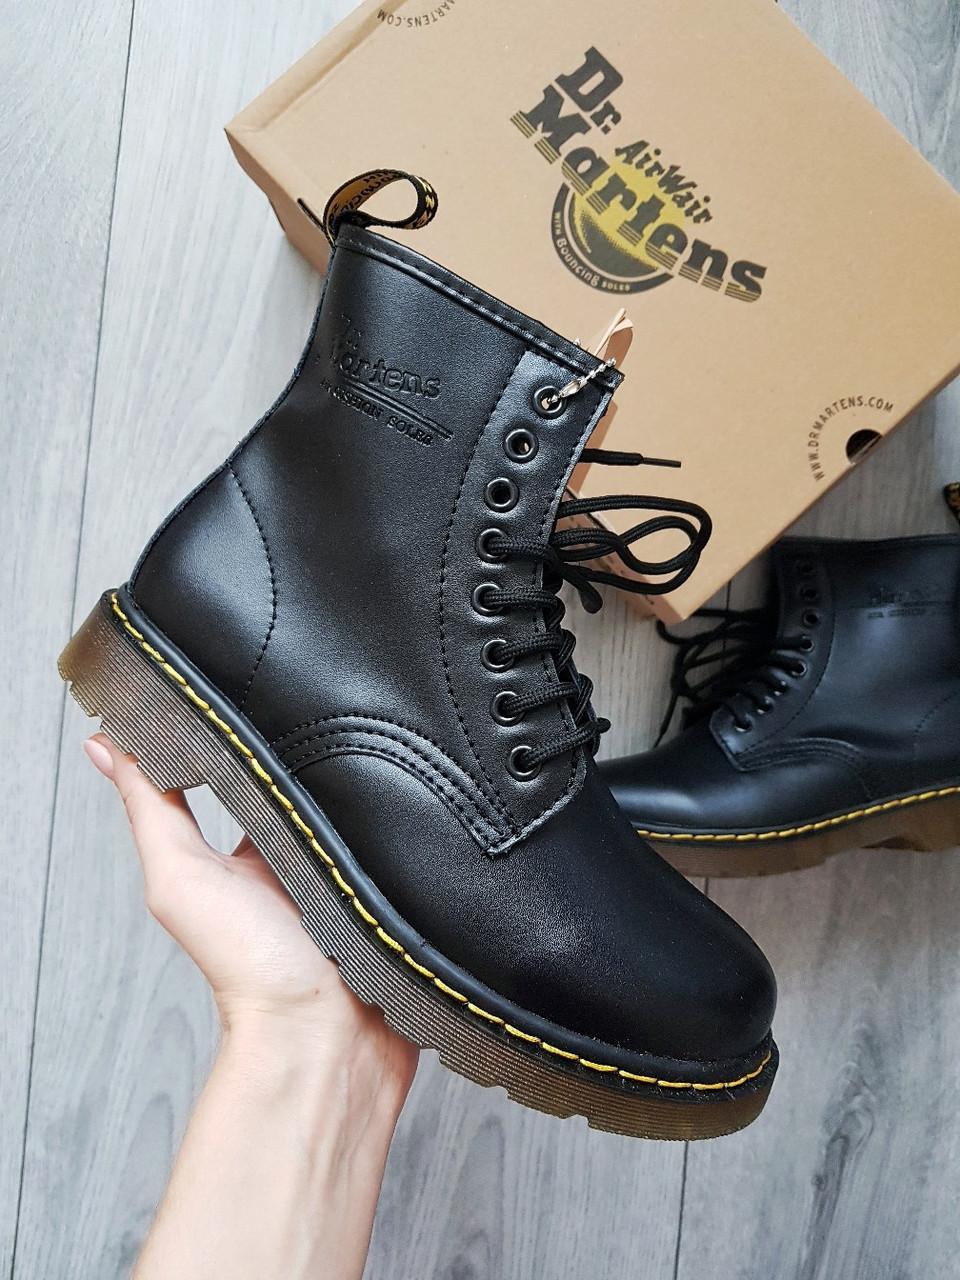 Женские Ботинки Dr. Martens 1460 Black Gum зимние (р. 37 38 40 41)